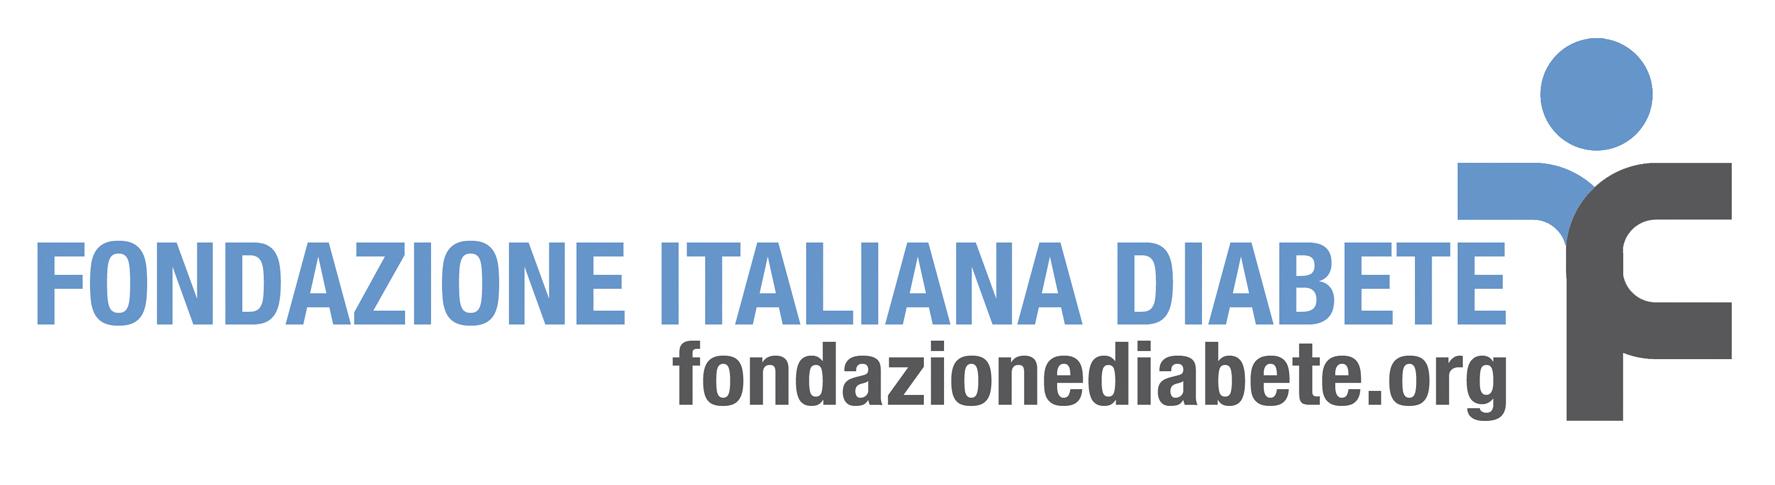 Fondazione Italiana Diabete